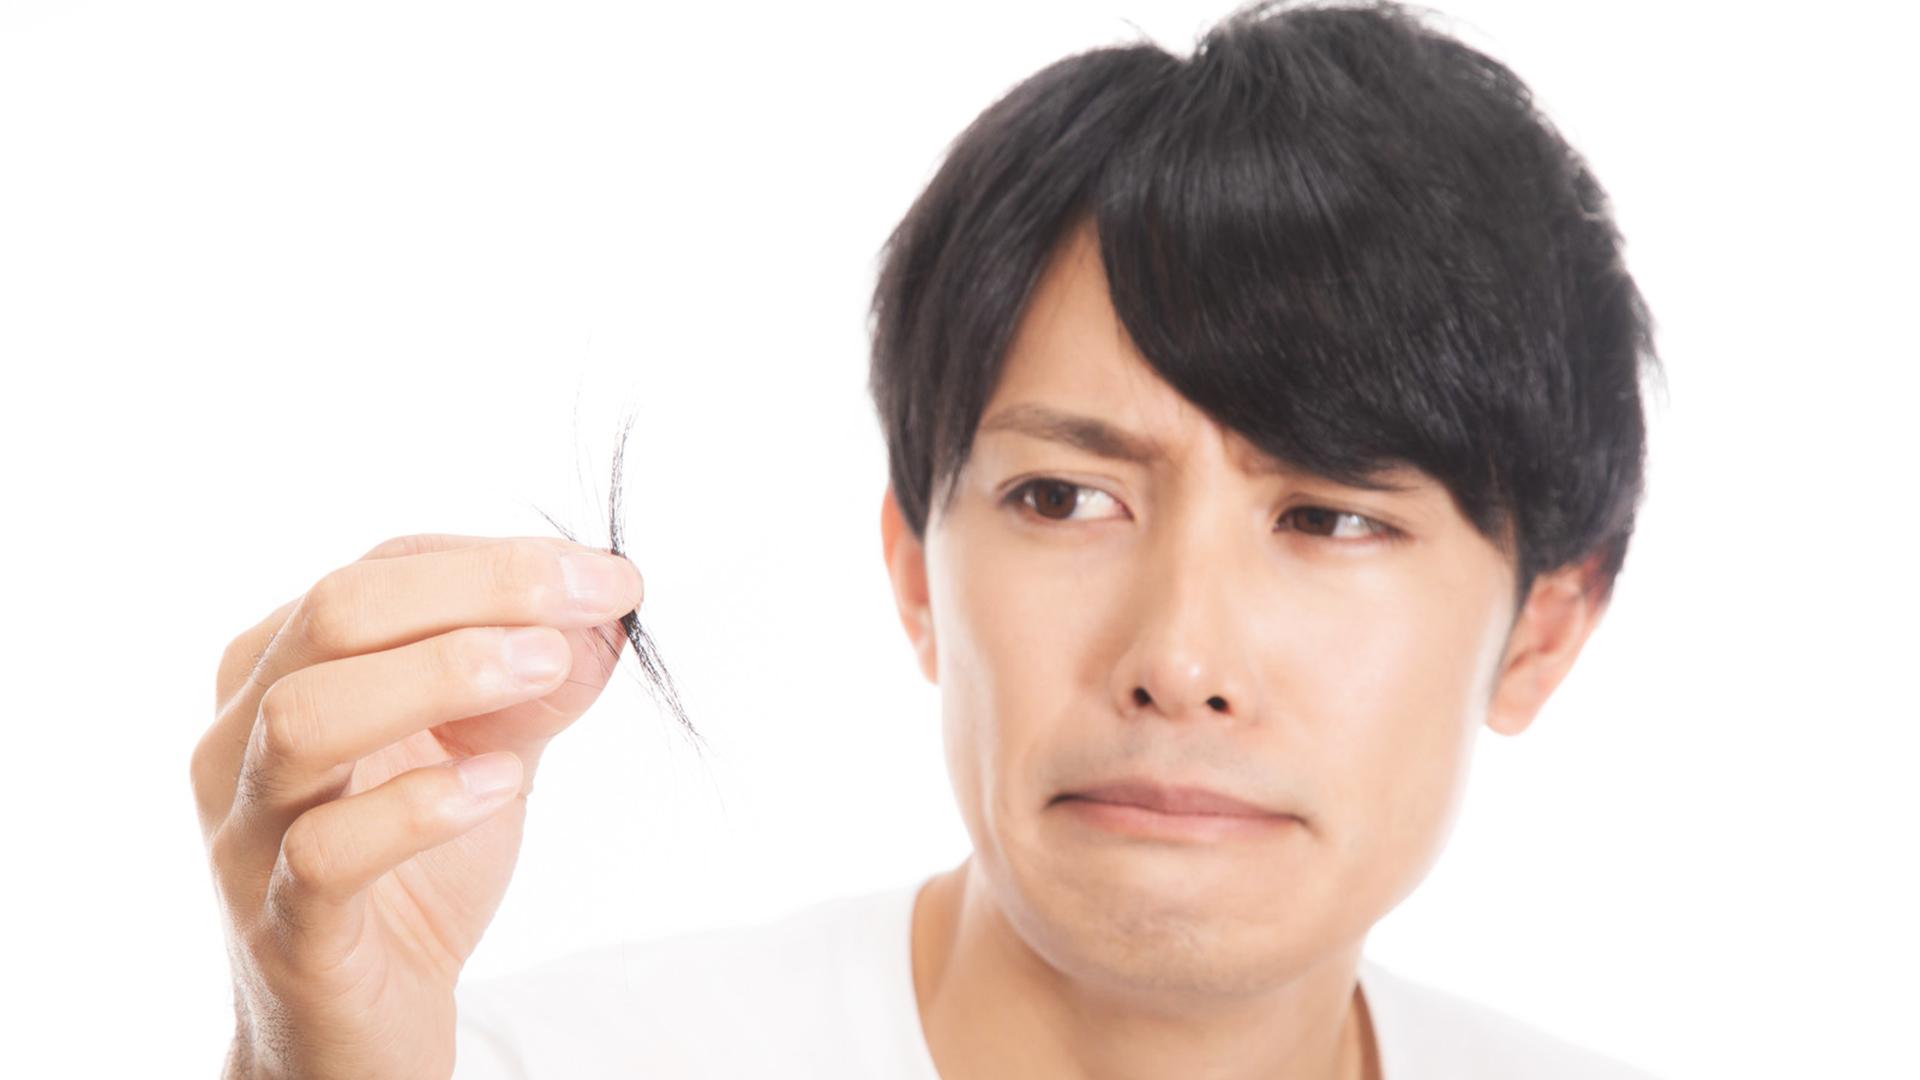 【生活習慣】ハゲたくない男性が気をつけるべきこと5選【薄毛予防】